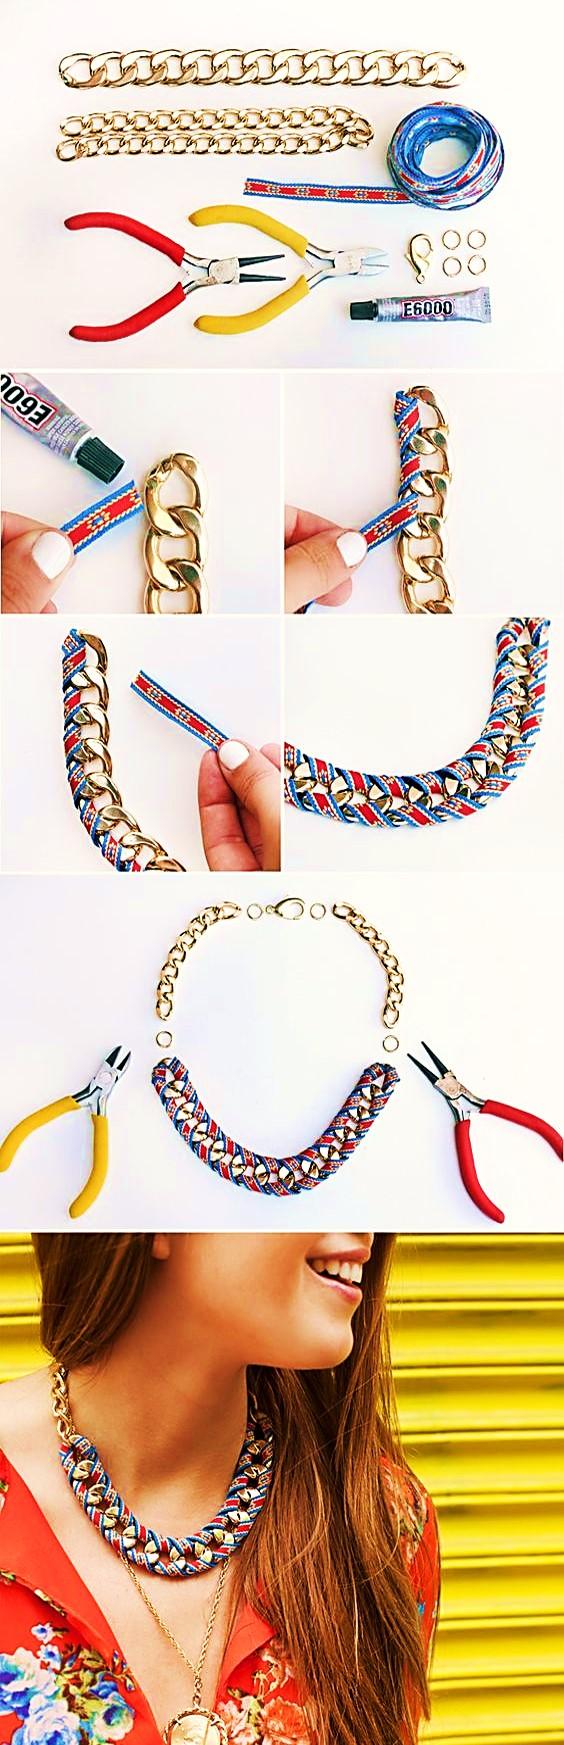 collar cadena cinta paso a paso bisuteria